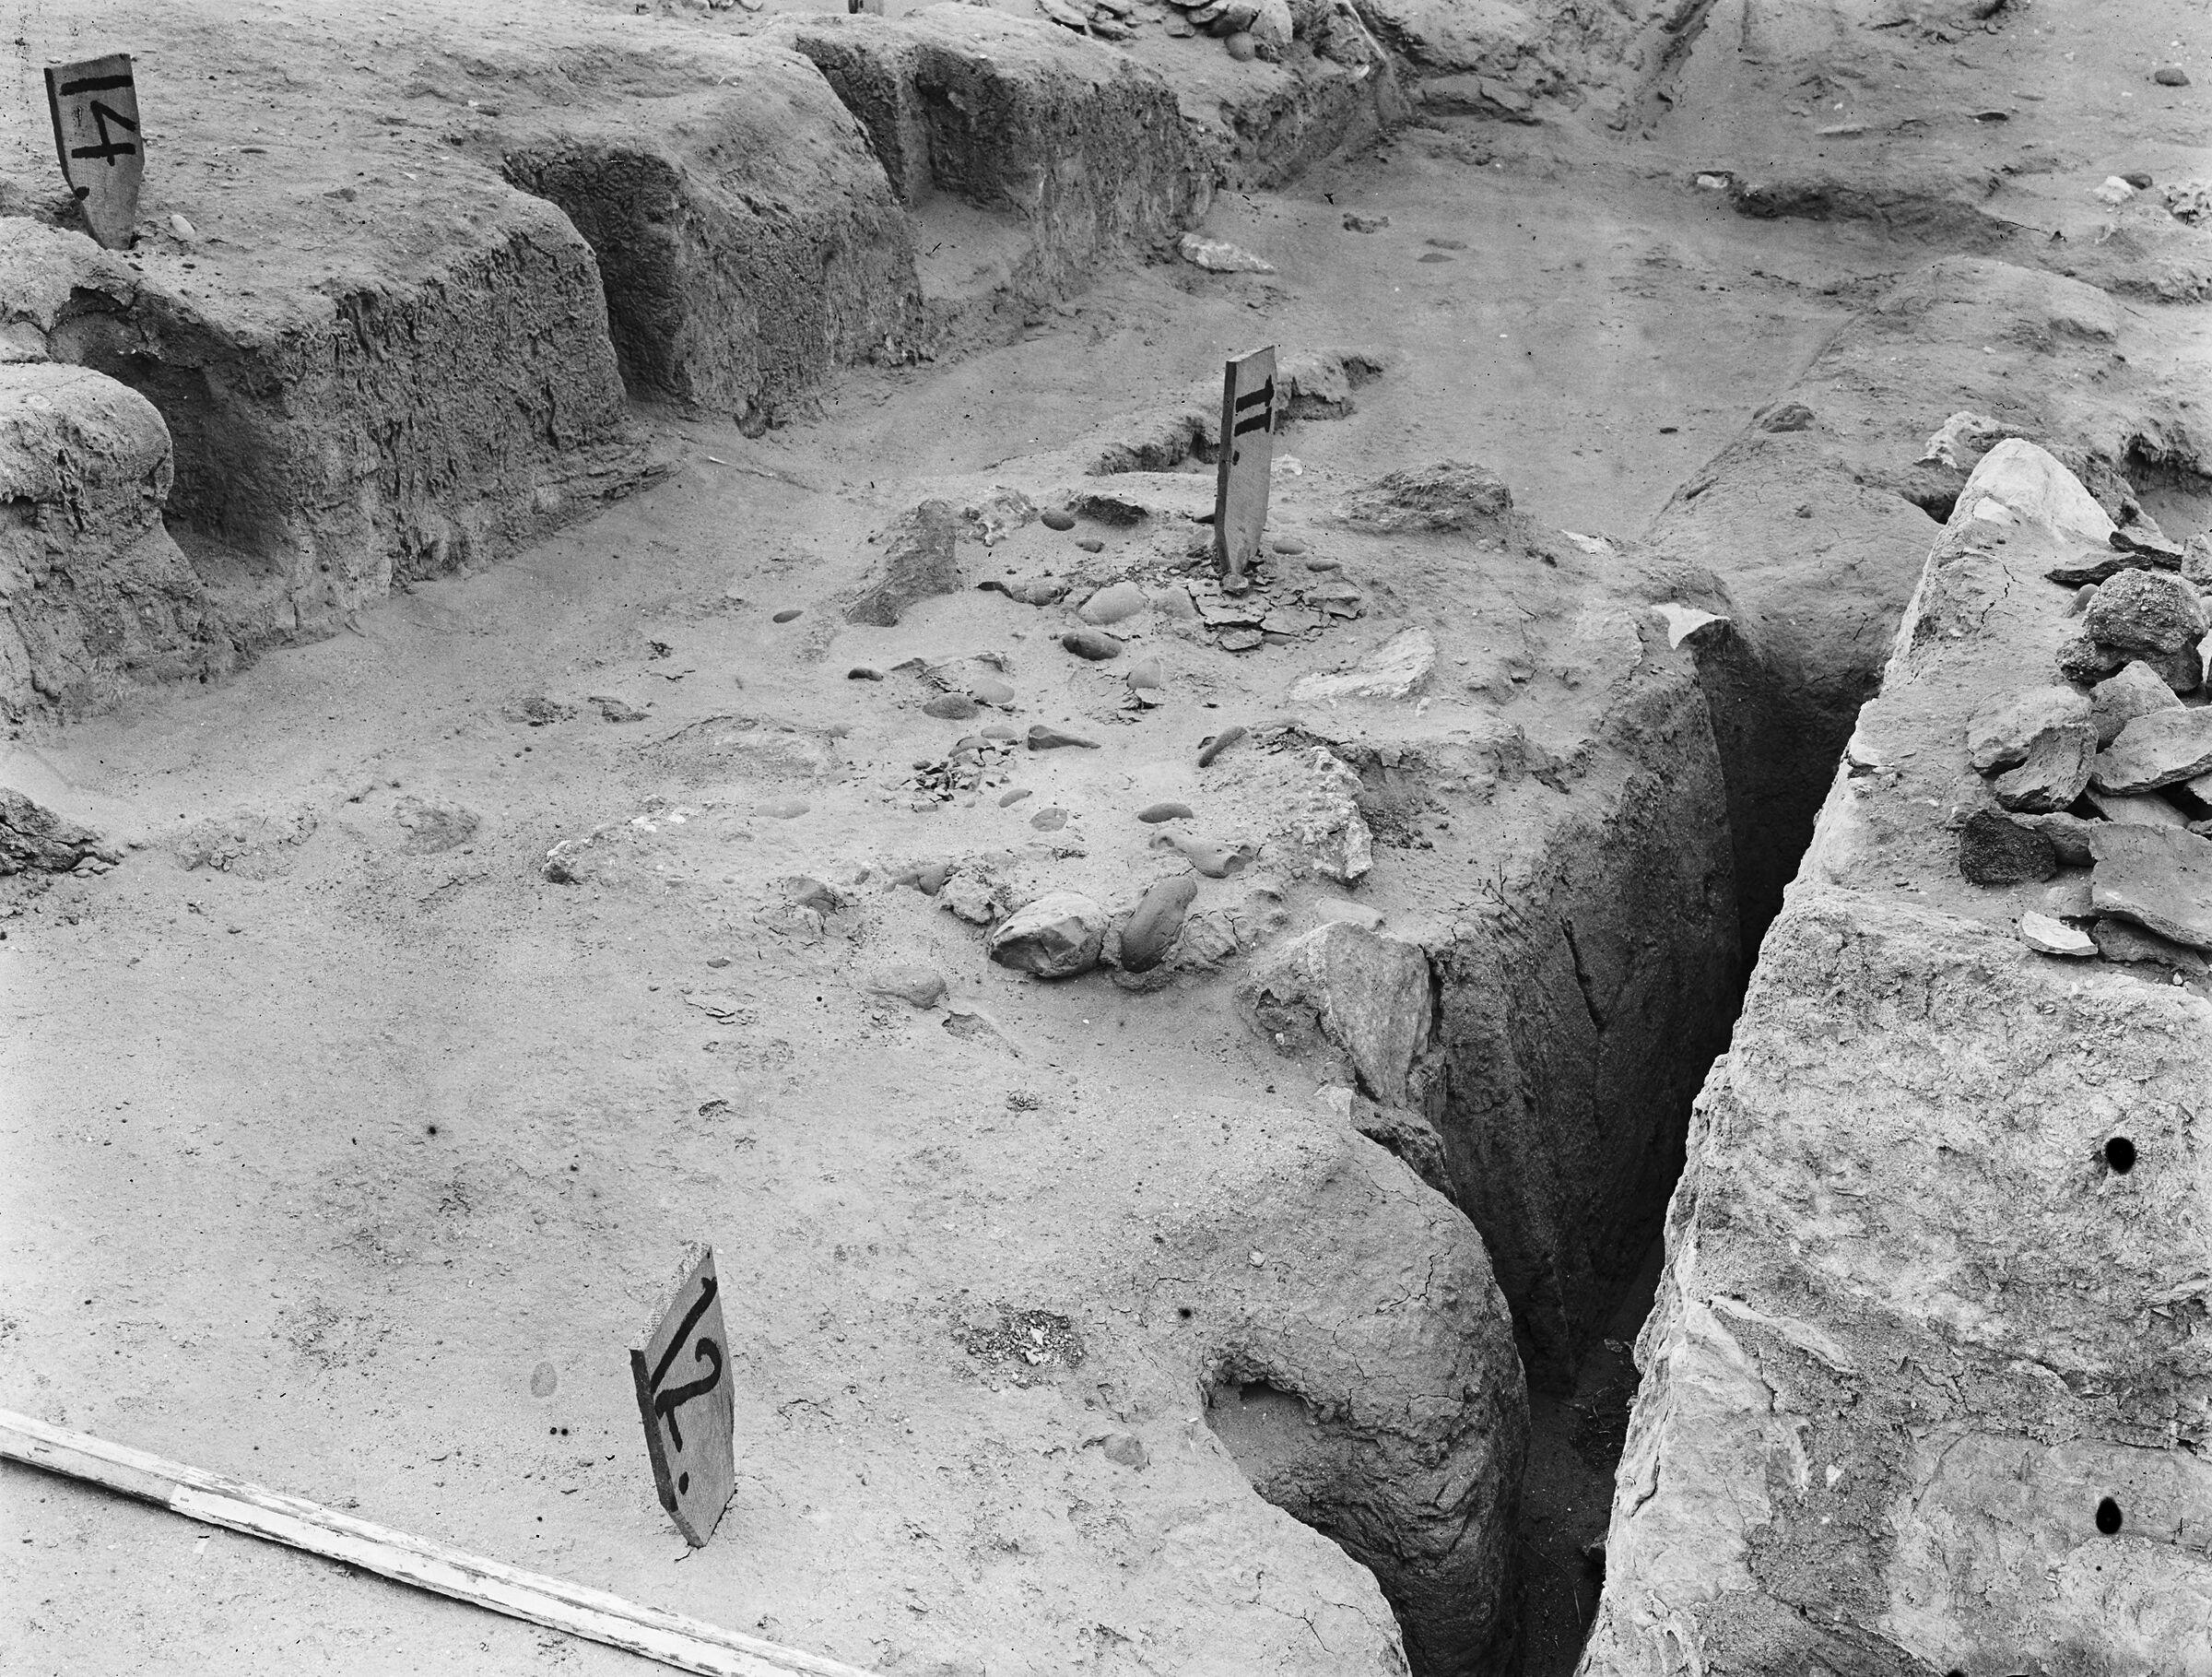 Wadi Cemetery (Reisner; north of W. Cem): Site: Giza; View: GW 7, GW 10, GW 11, GW 12, GW 14